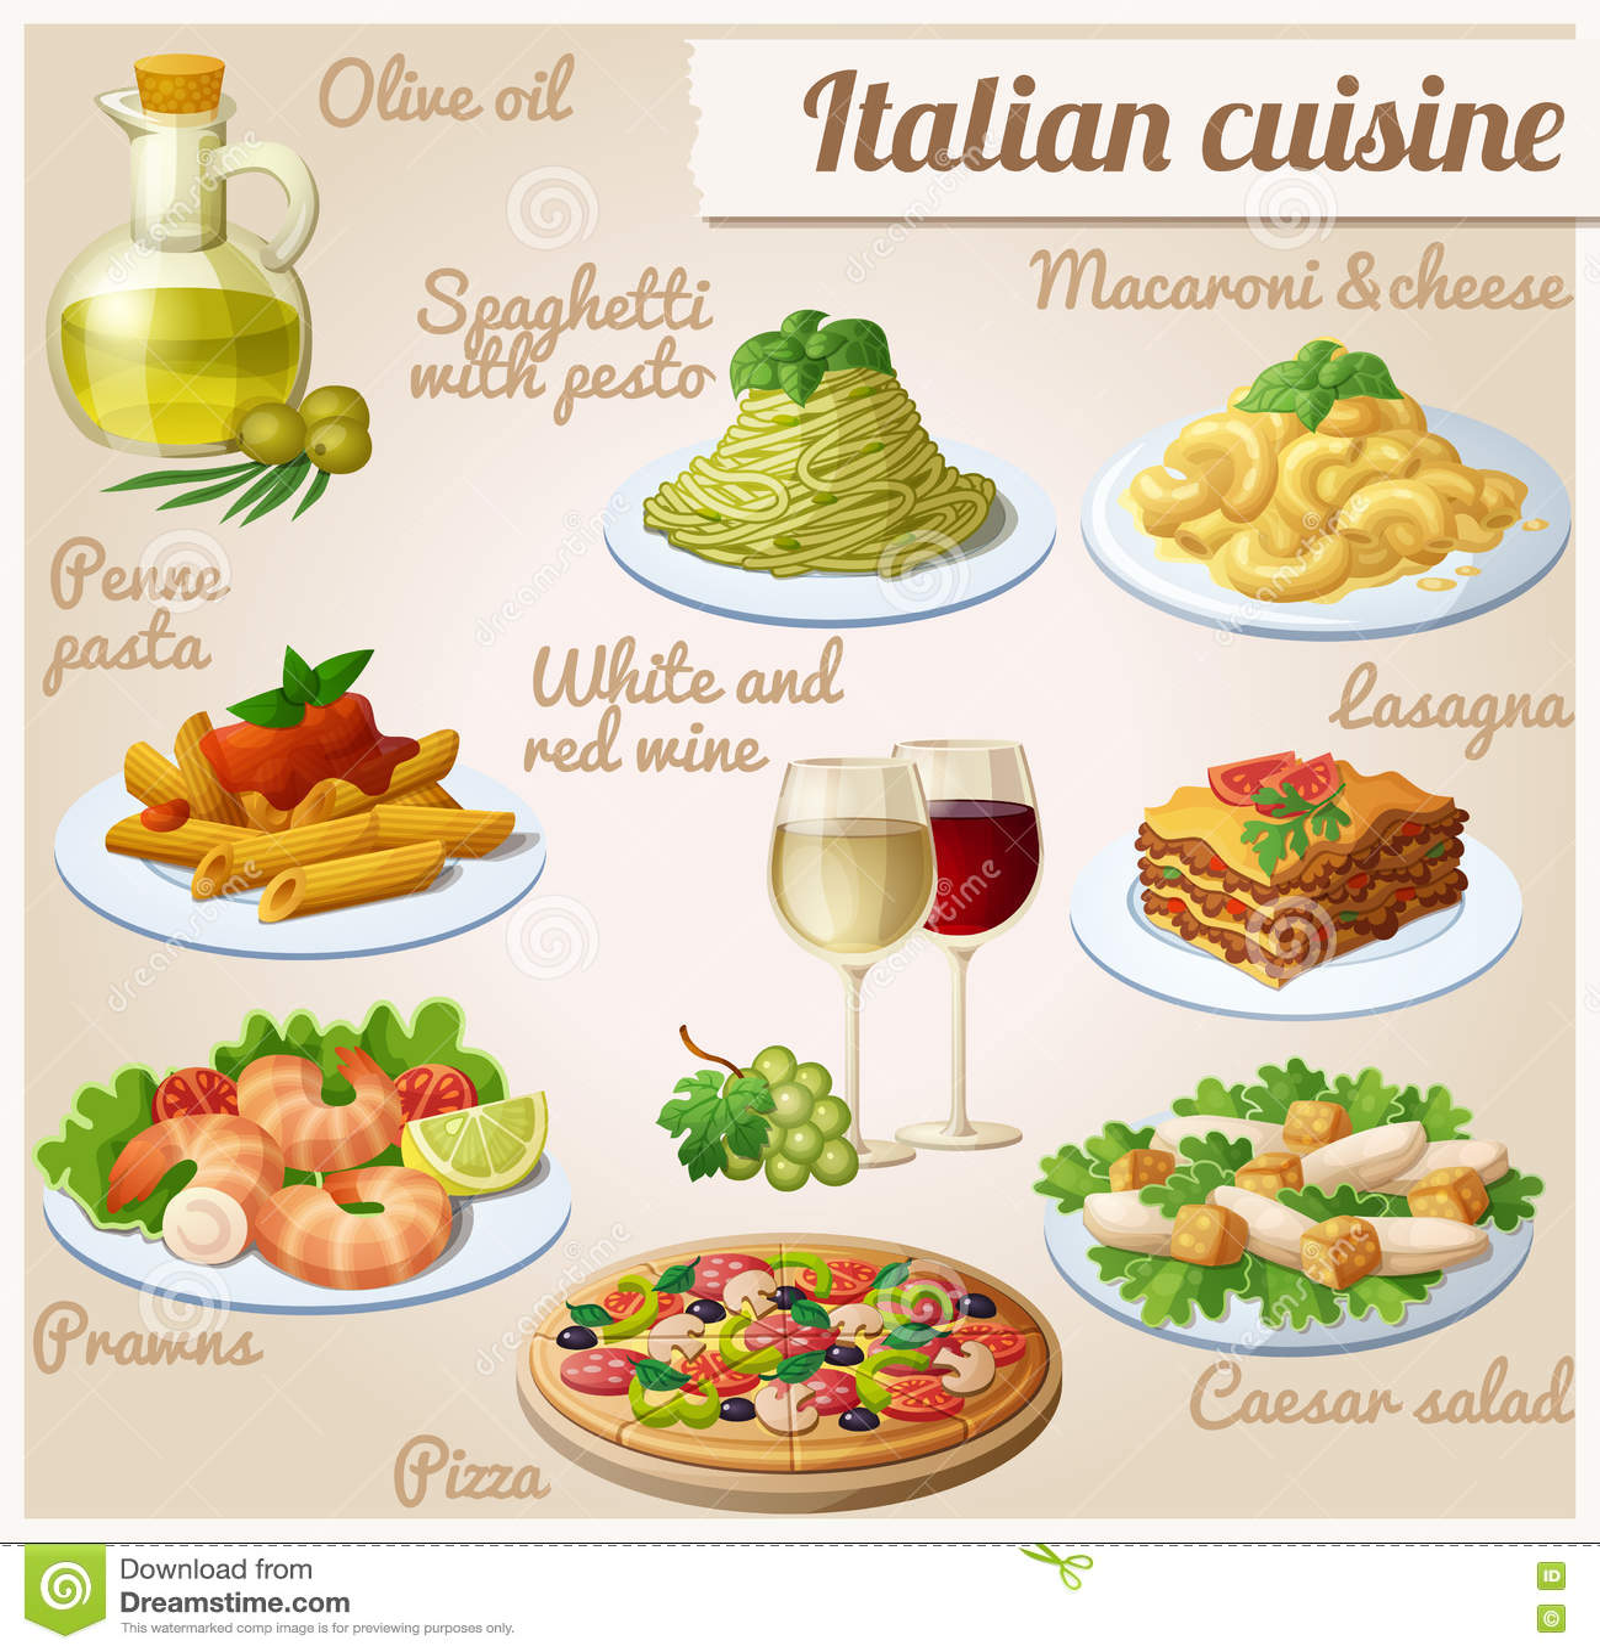 Food clip art lasagna cliparts - Italian cuisine pasta ...